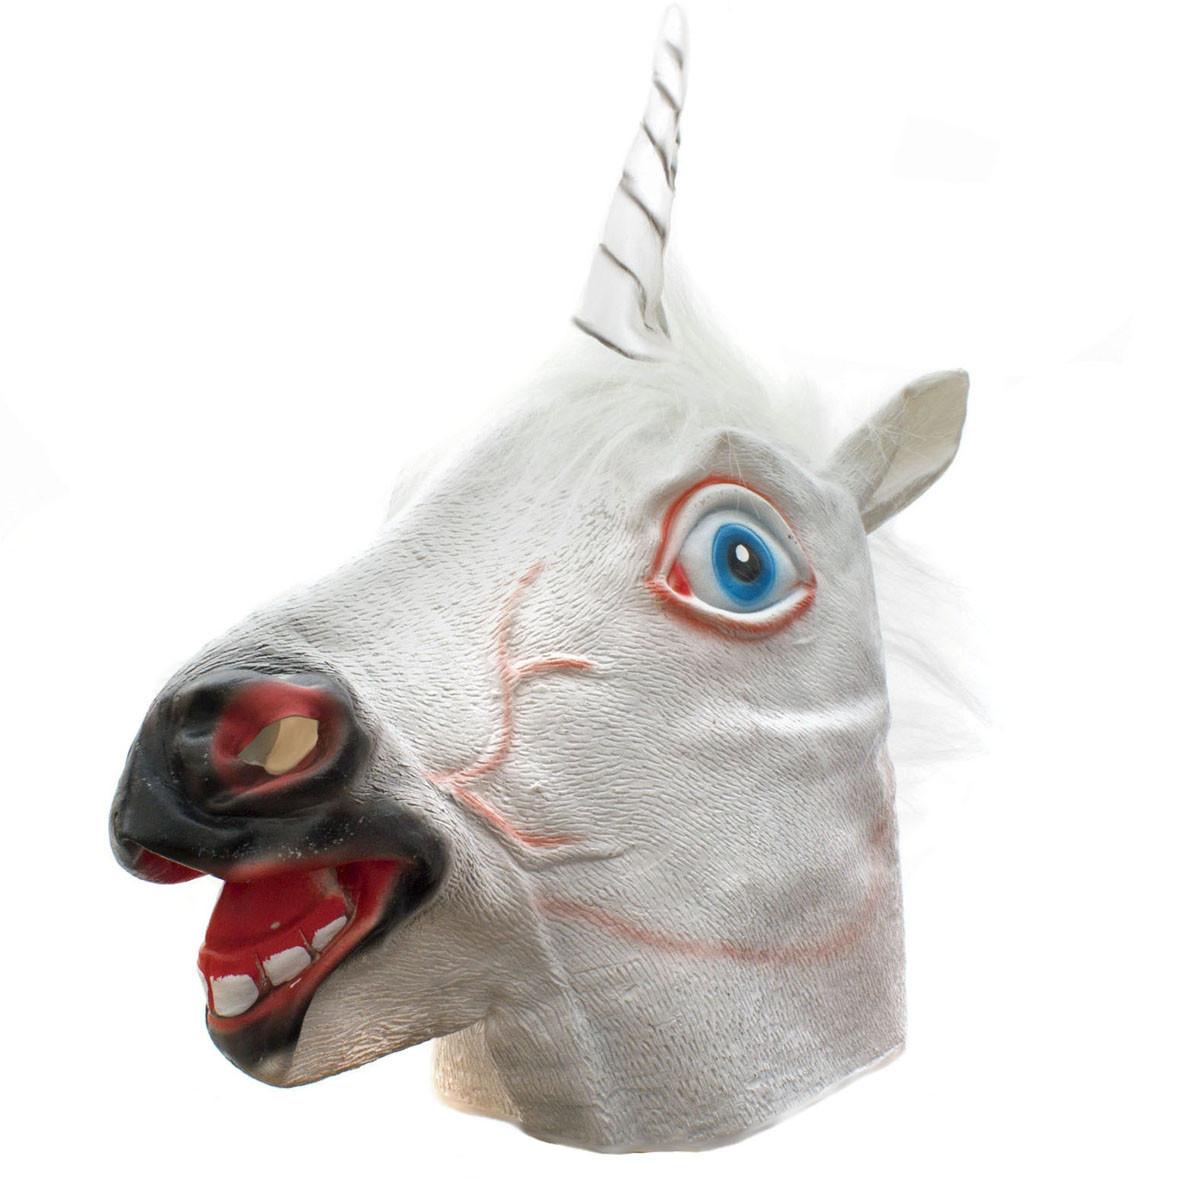 einhorn maske latex wei e einhornmaske karneval pferdemaske. Black Bedroom Furniture Sets. Home Design Ideas